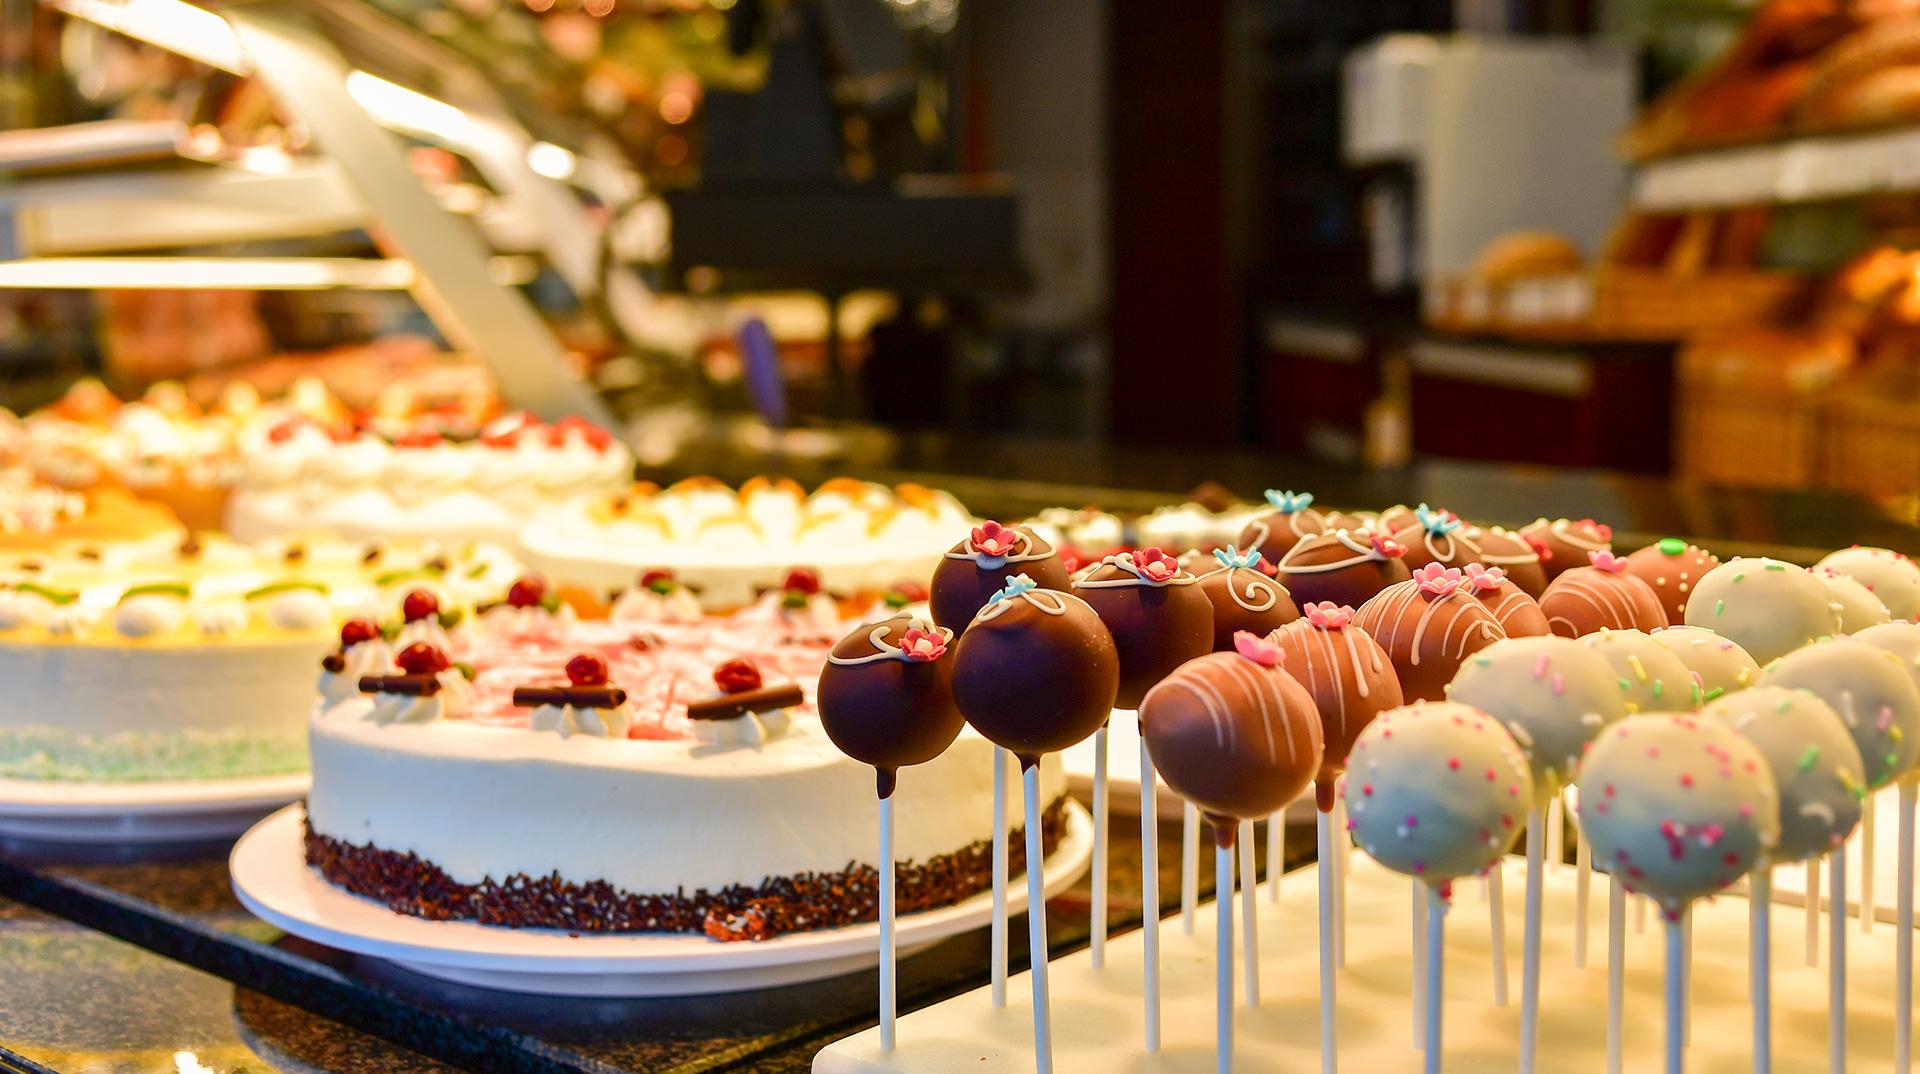 Erstklassige Feinbackwaren, Torten und Desserts aus unserer Konditorei in Cottbus - Conditorei & Café Lauterbach